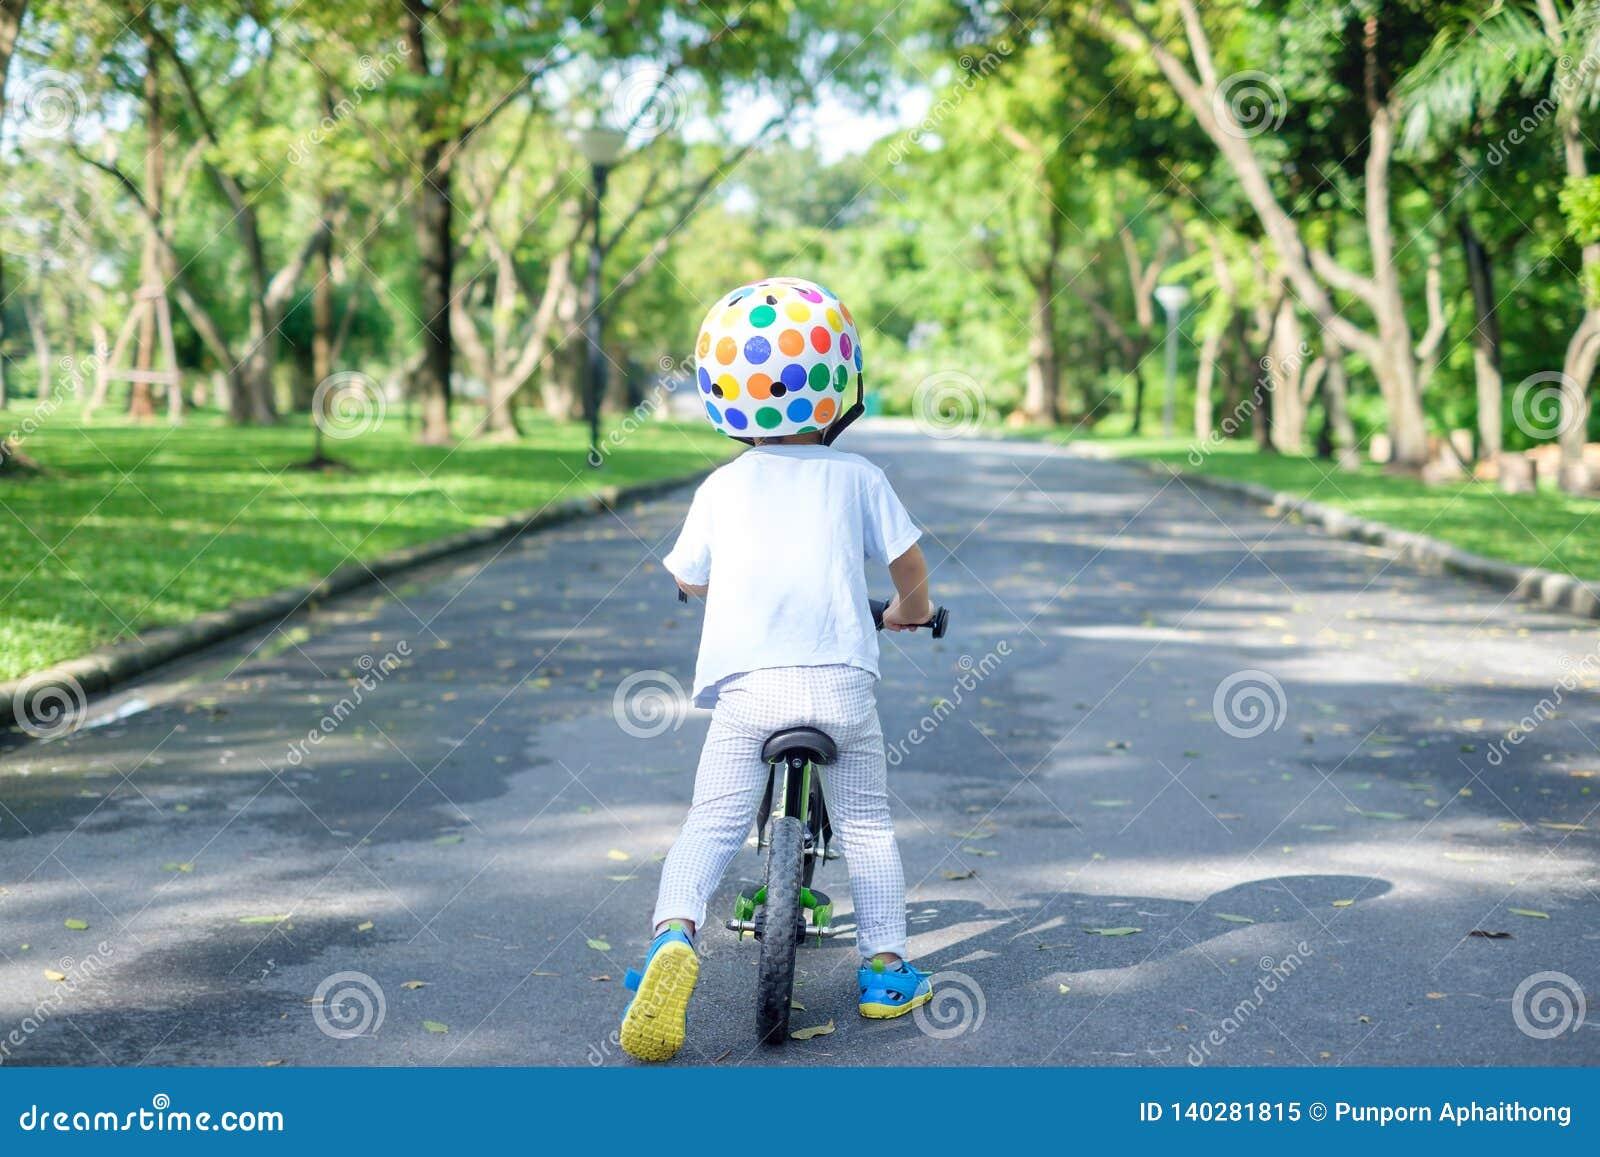 Formule 1 kid enfant vélo bicyclette casque sécurité